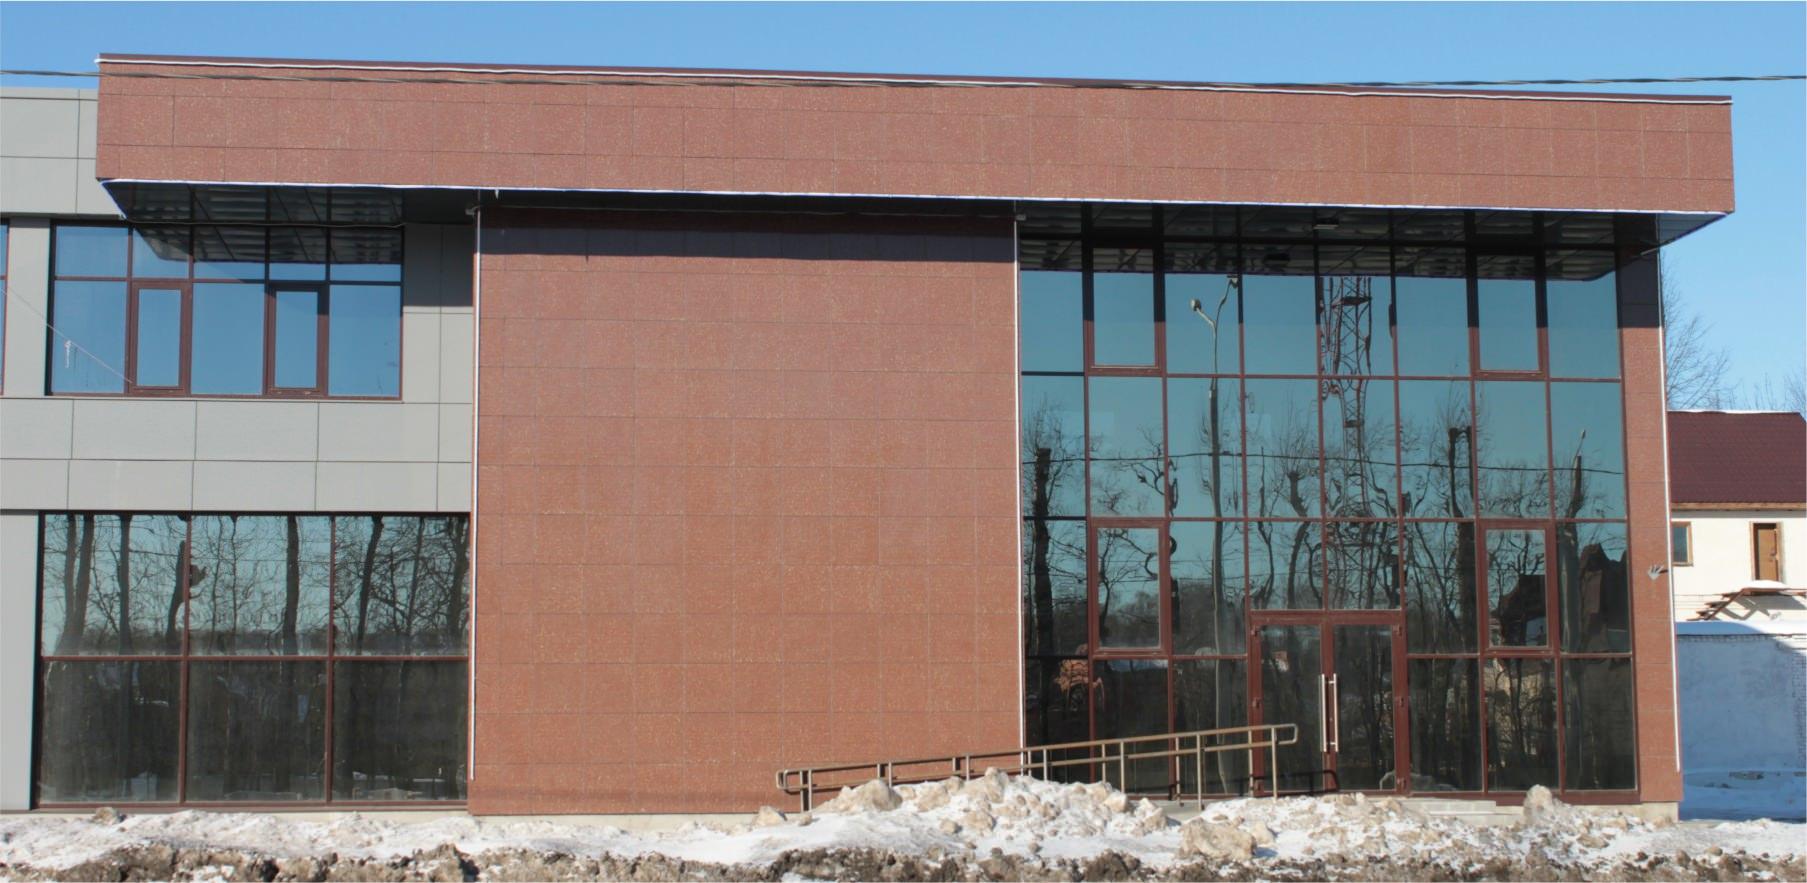 Комплекс из 4-х торгово-офисных центров г.Москва, Троицкий административный округ, 12 км Калужского